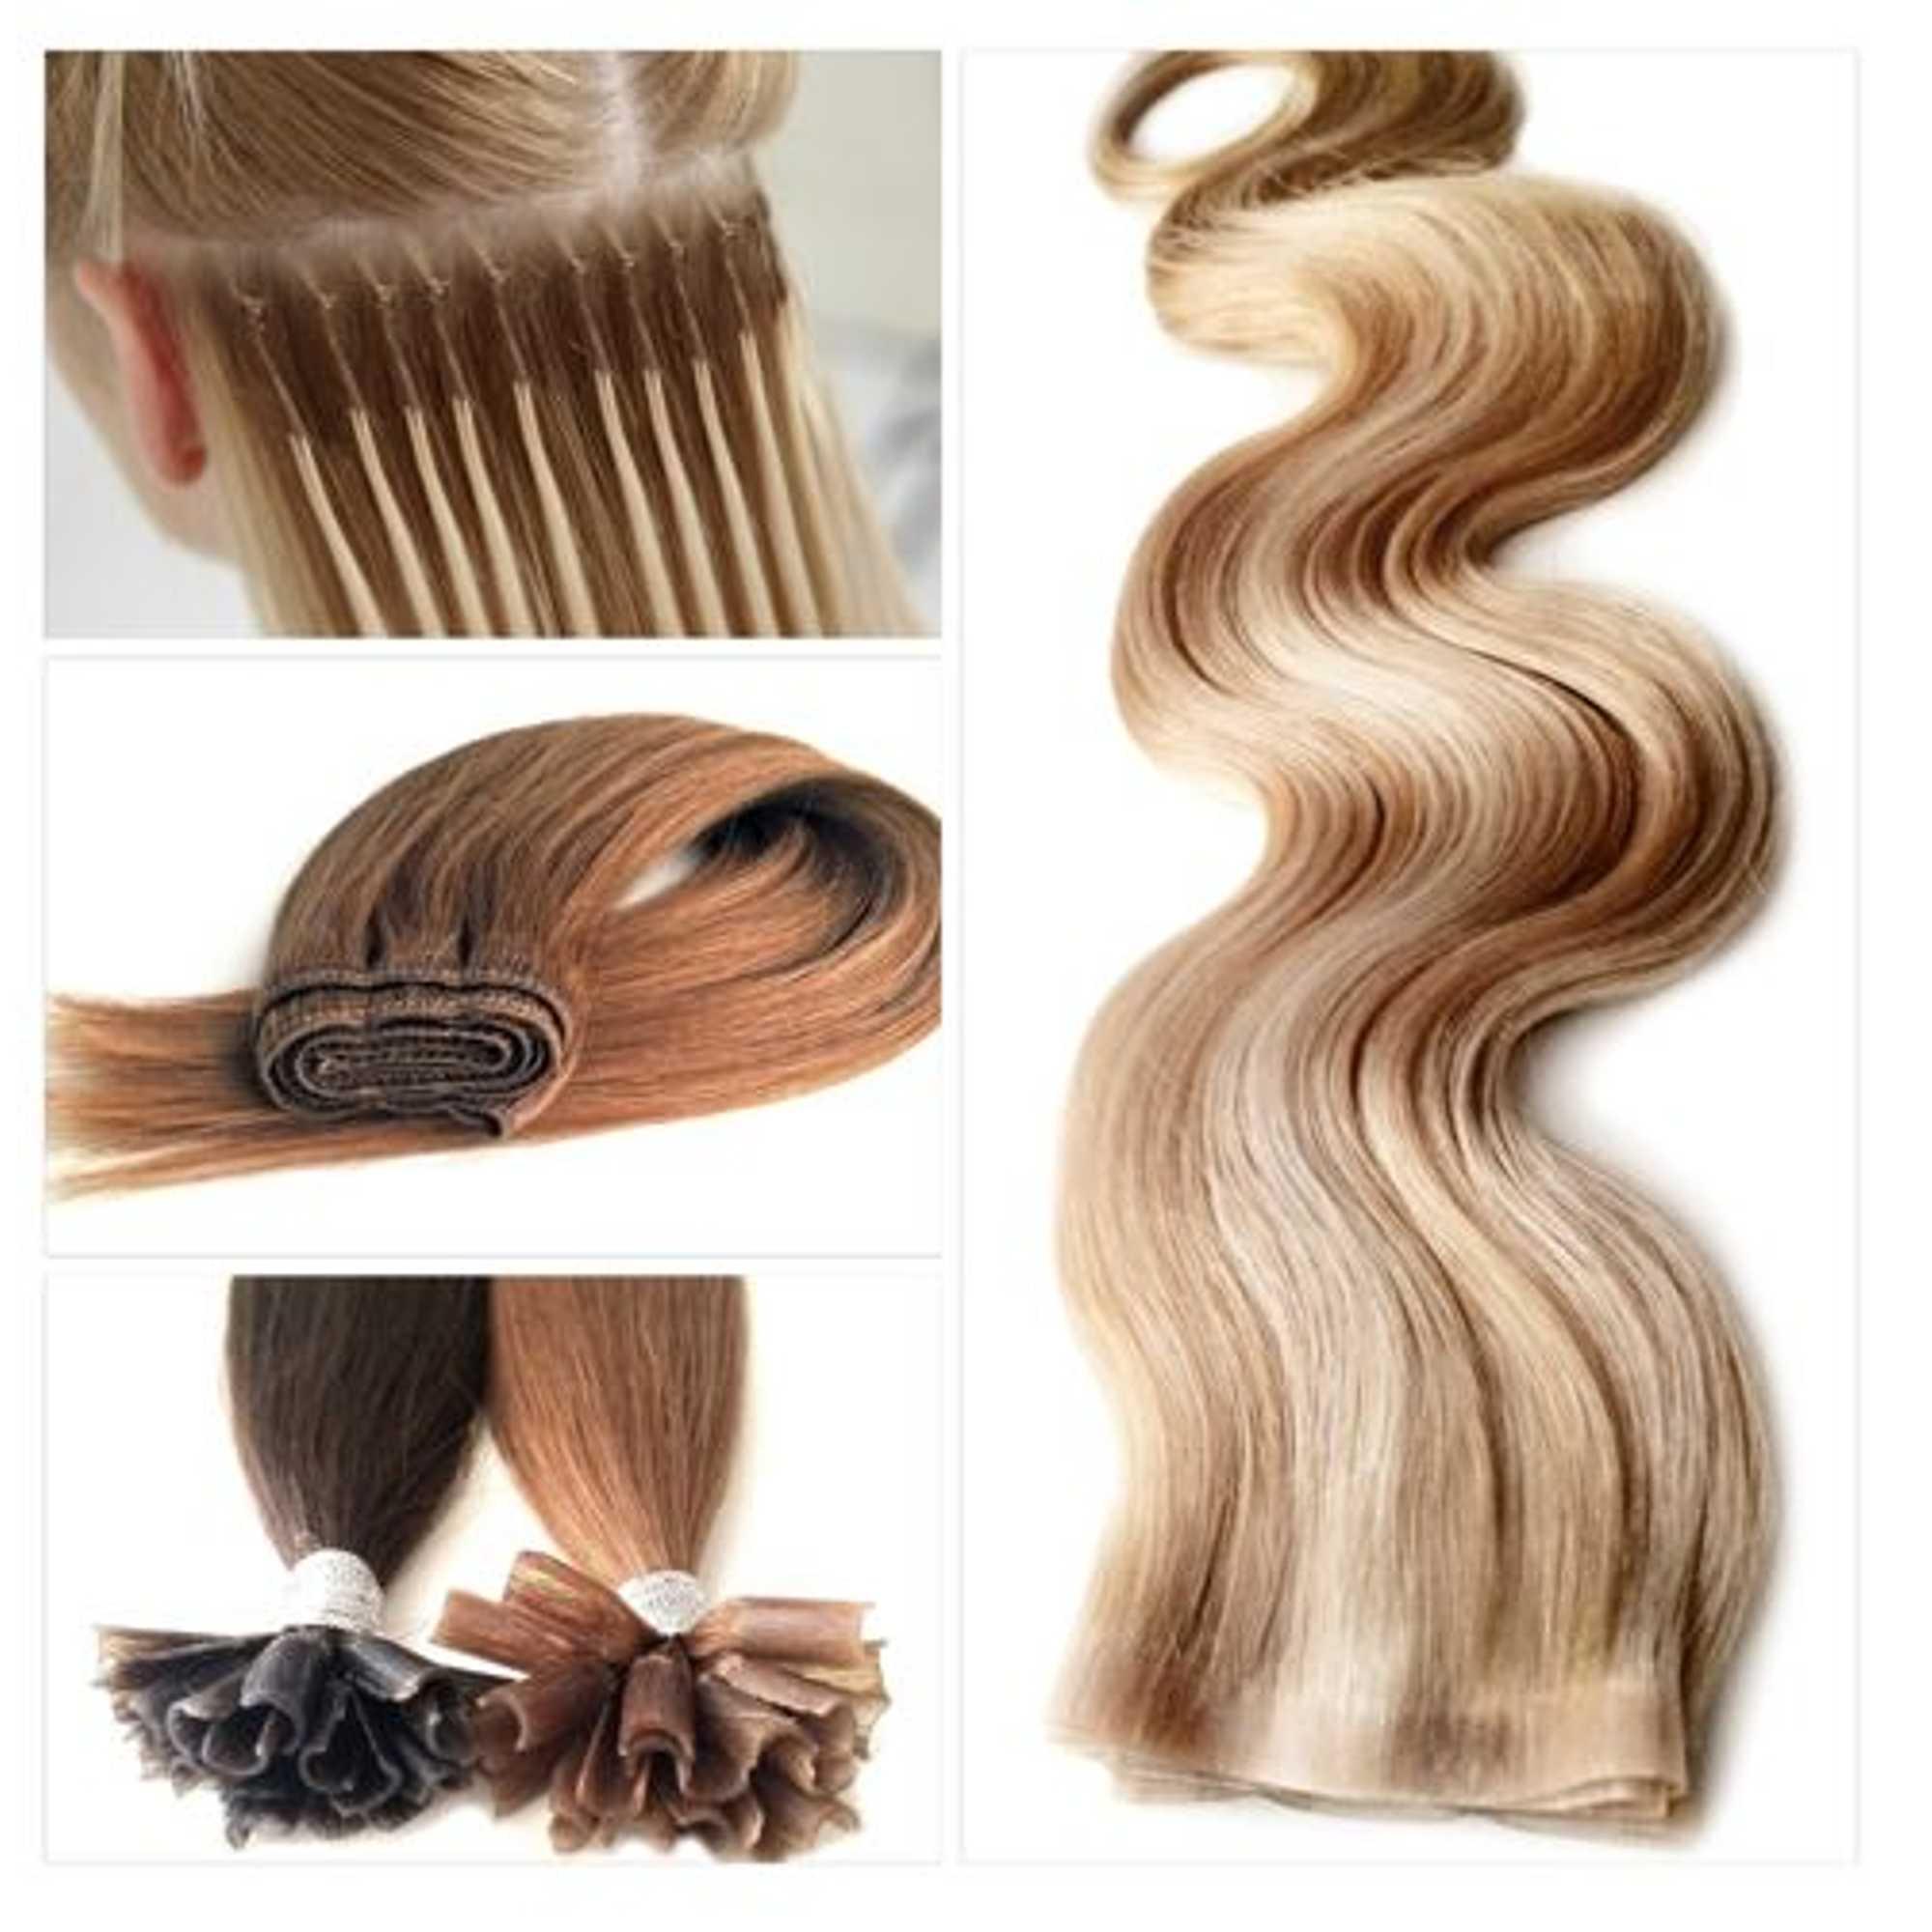 Parhaat hiustenpidennykset toimivat ja kestävät hyvin  707d5d4035